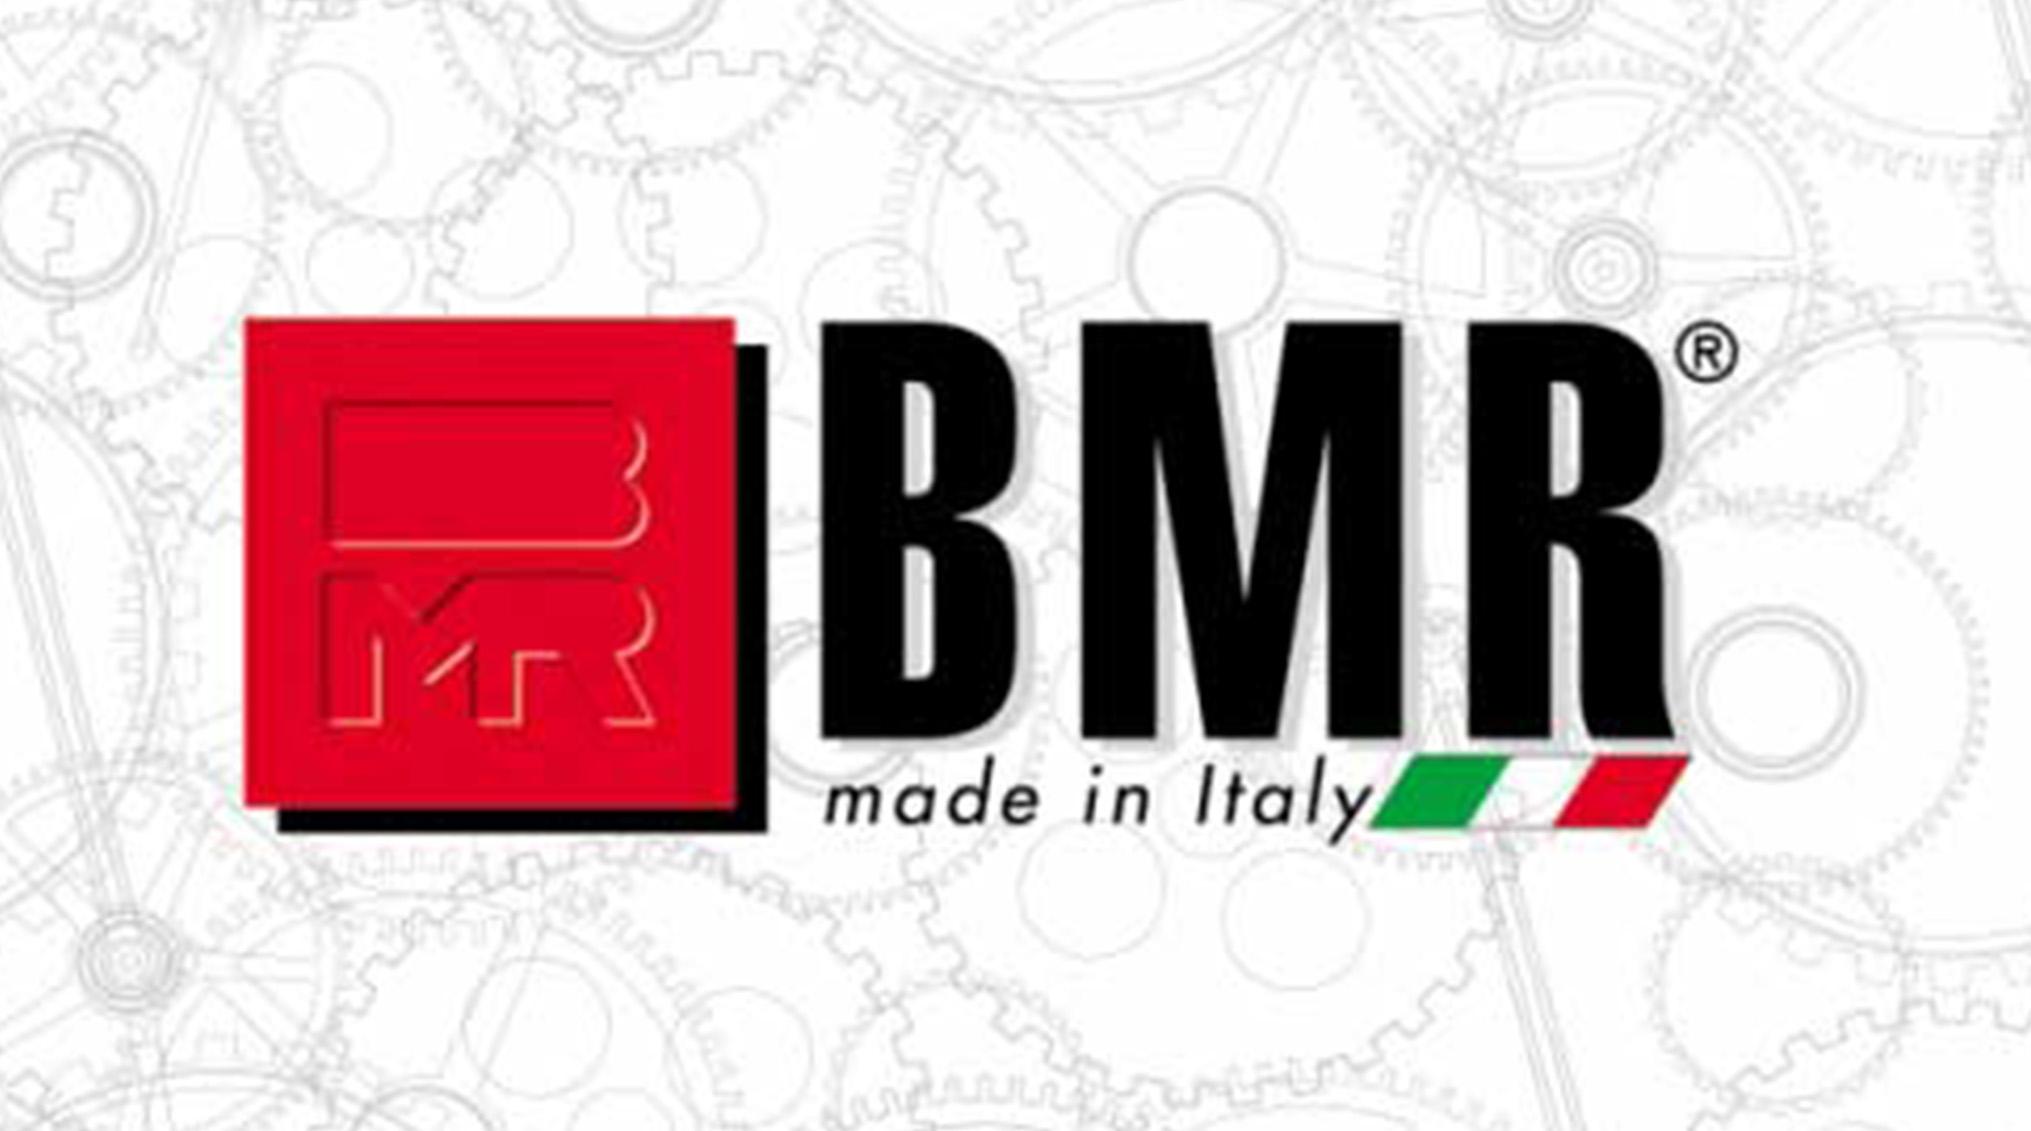 شرکت BMR ؛ رهبر بازار در مکزیک